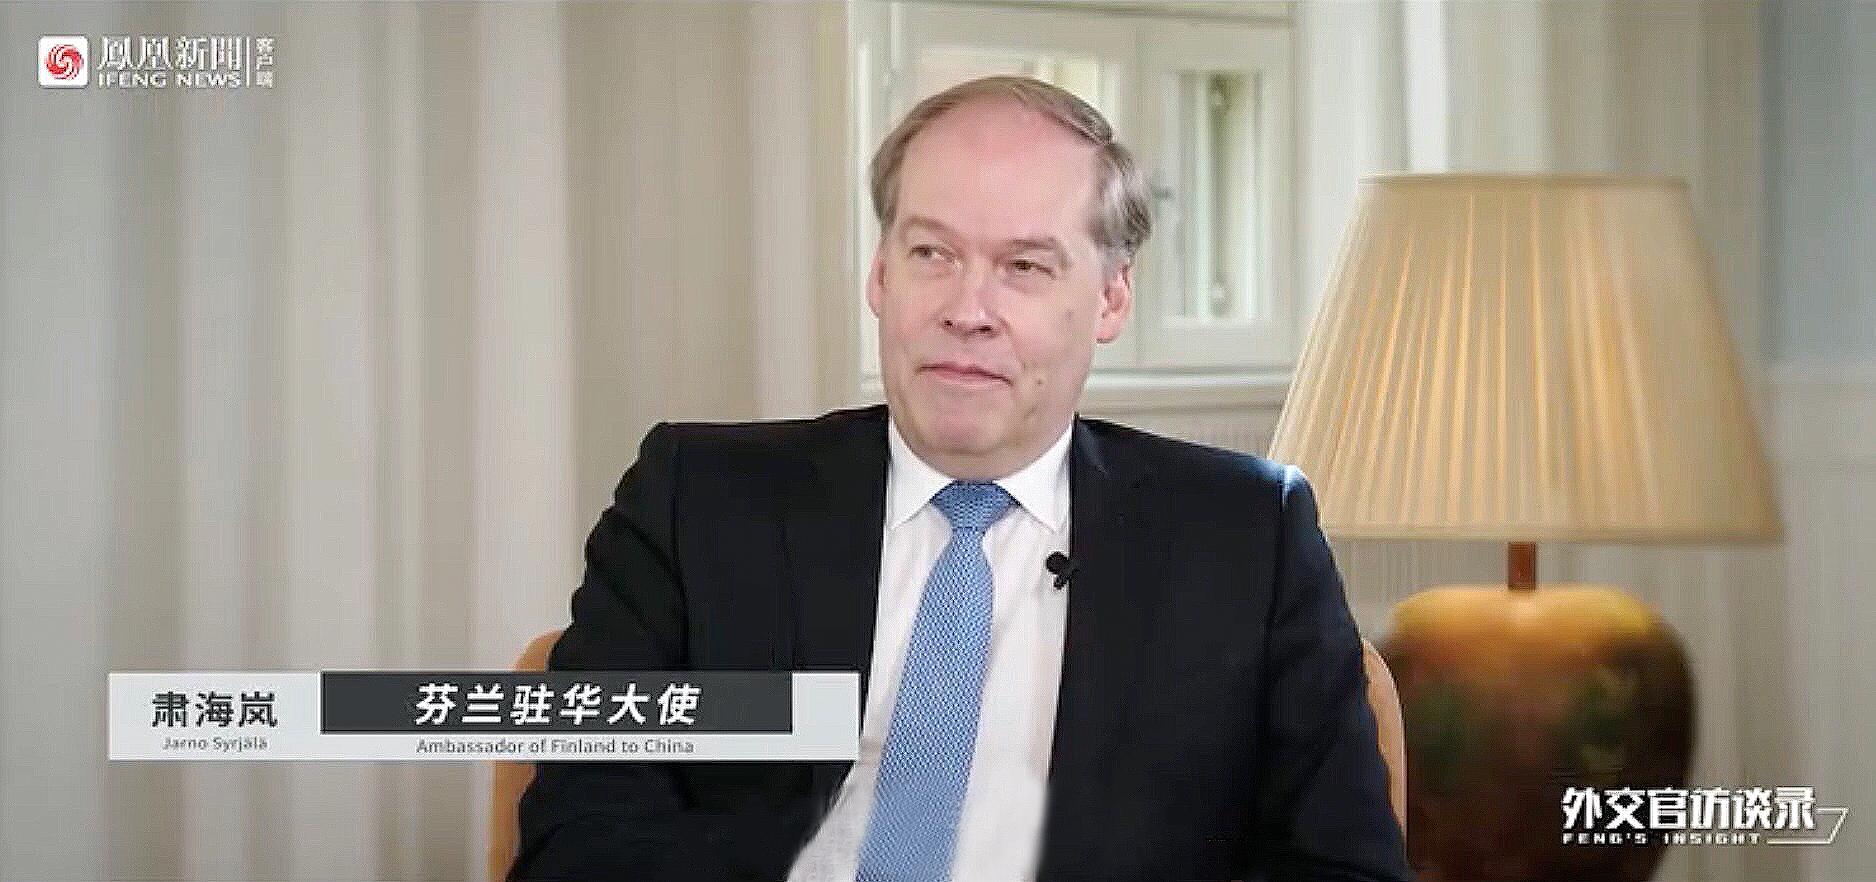 芬兰驻华大使:创新是刻印在芬兰人基因里的一部分